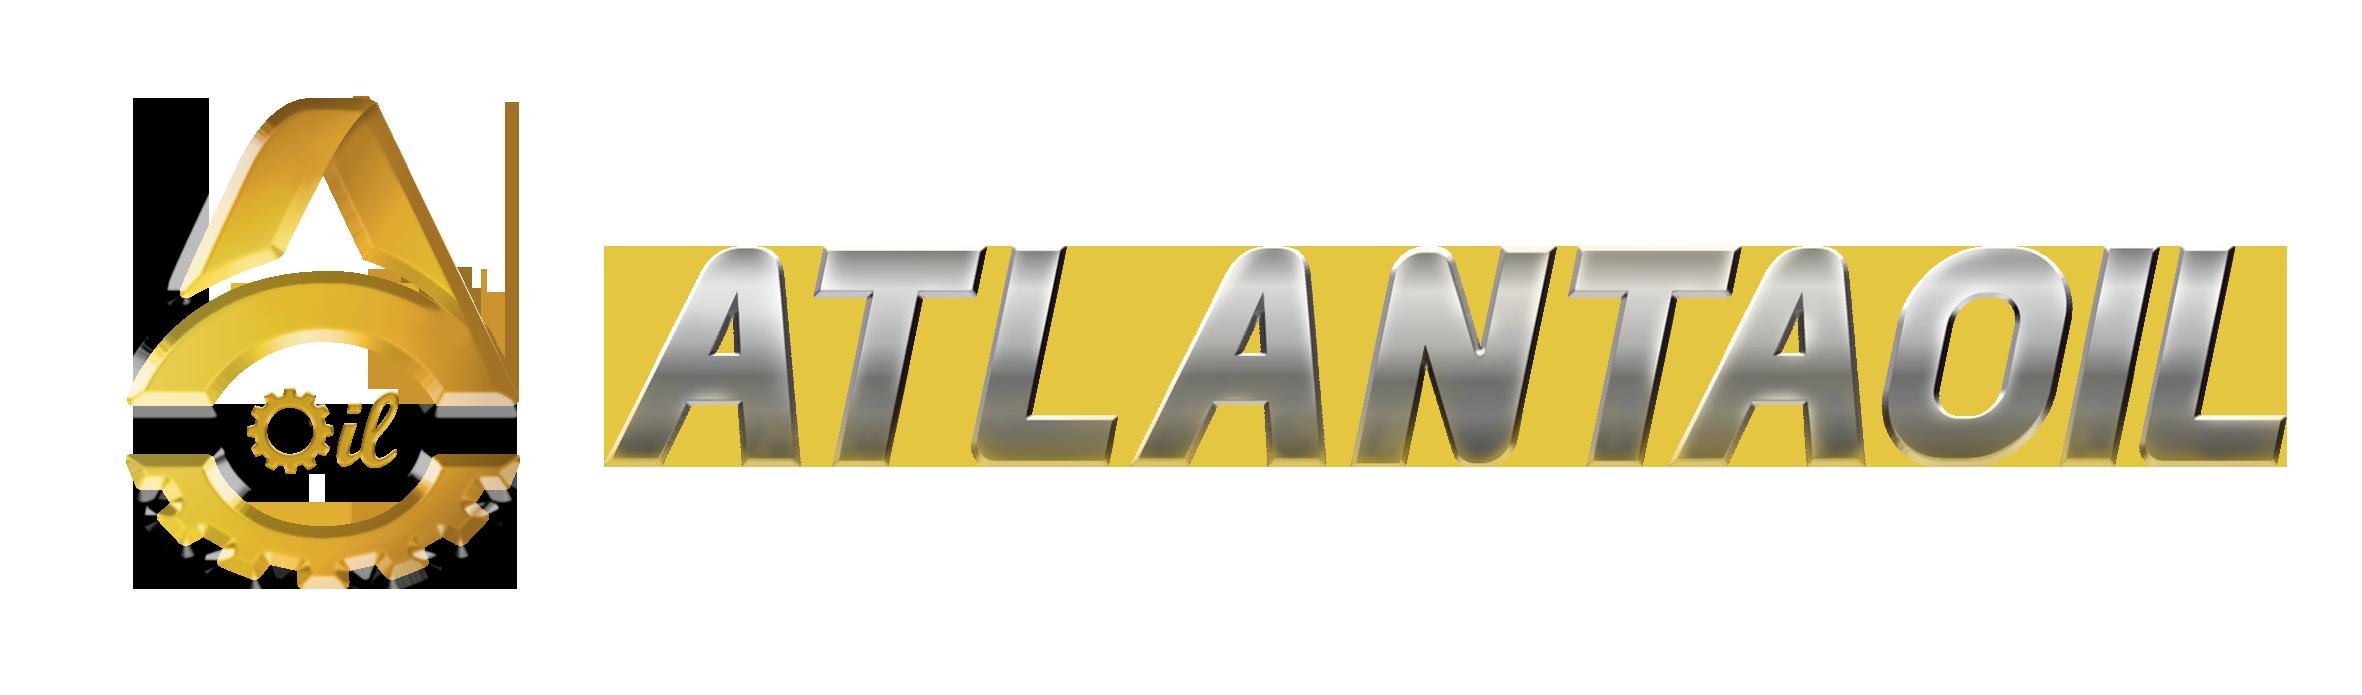 Atlantaoil